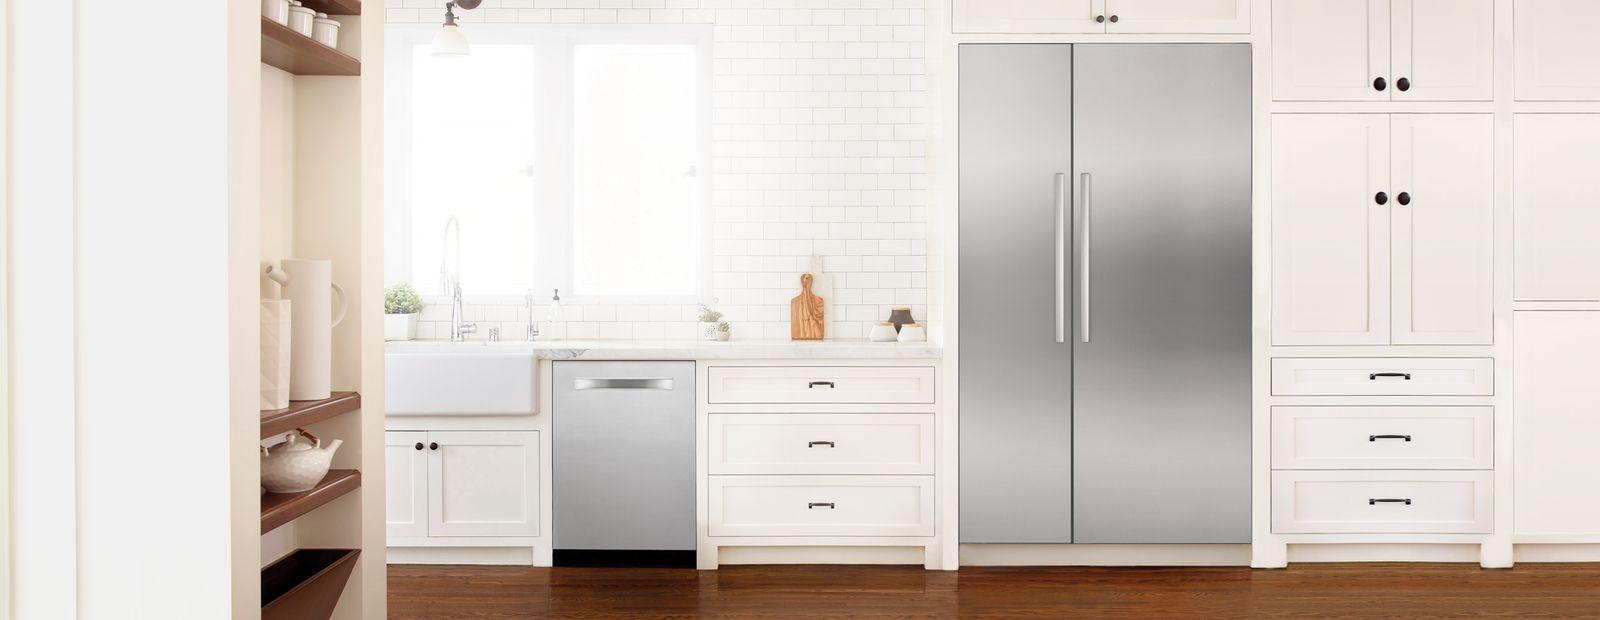 Bosch Kitchen Refrigerator